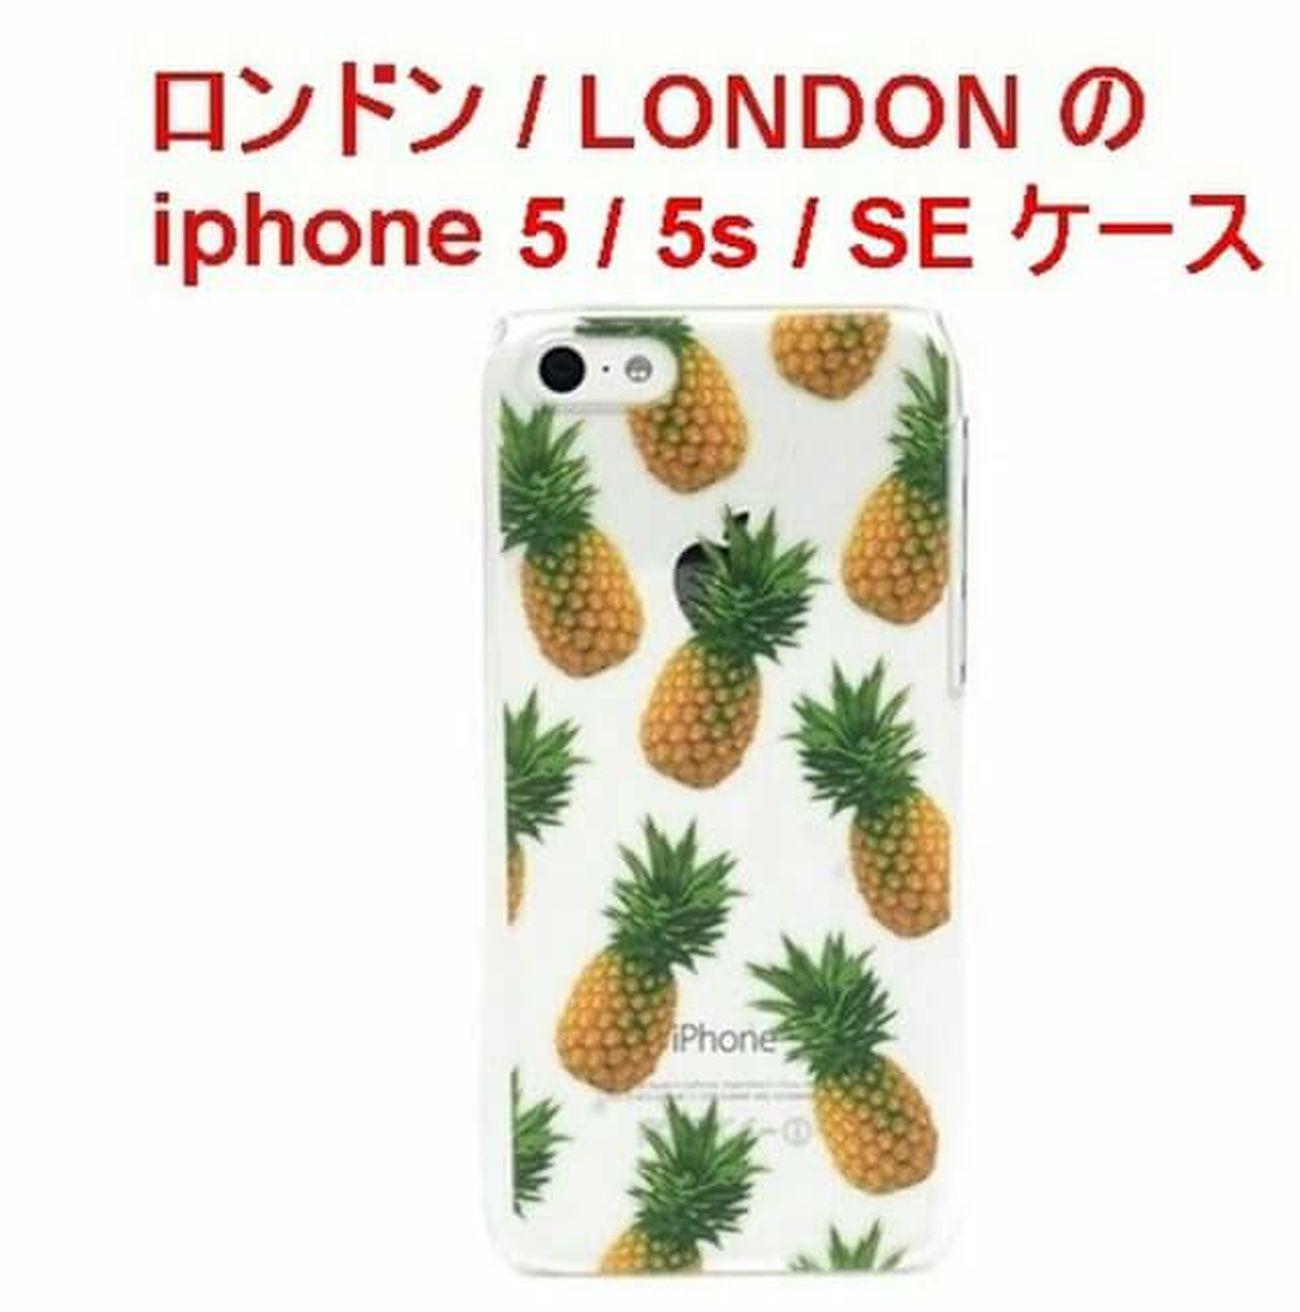 セレクトショップレトワールボーテ ファッション Iphonecase IPhone アイフォンケース さわやか